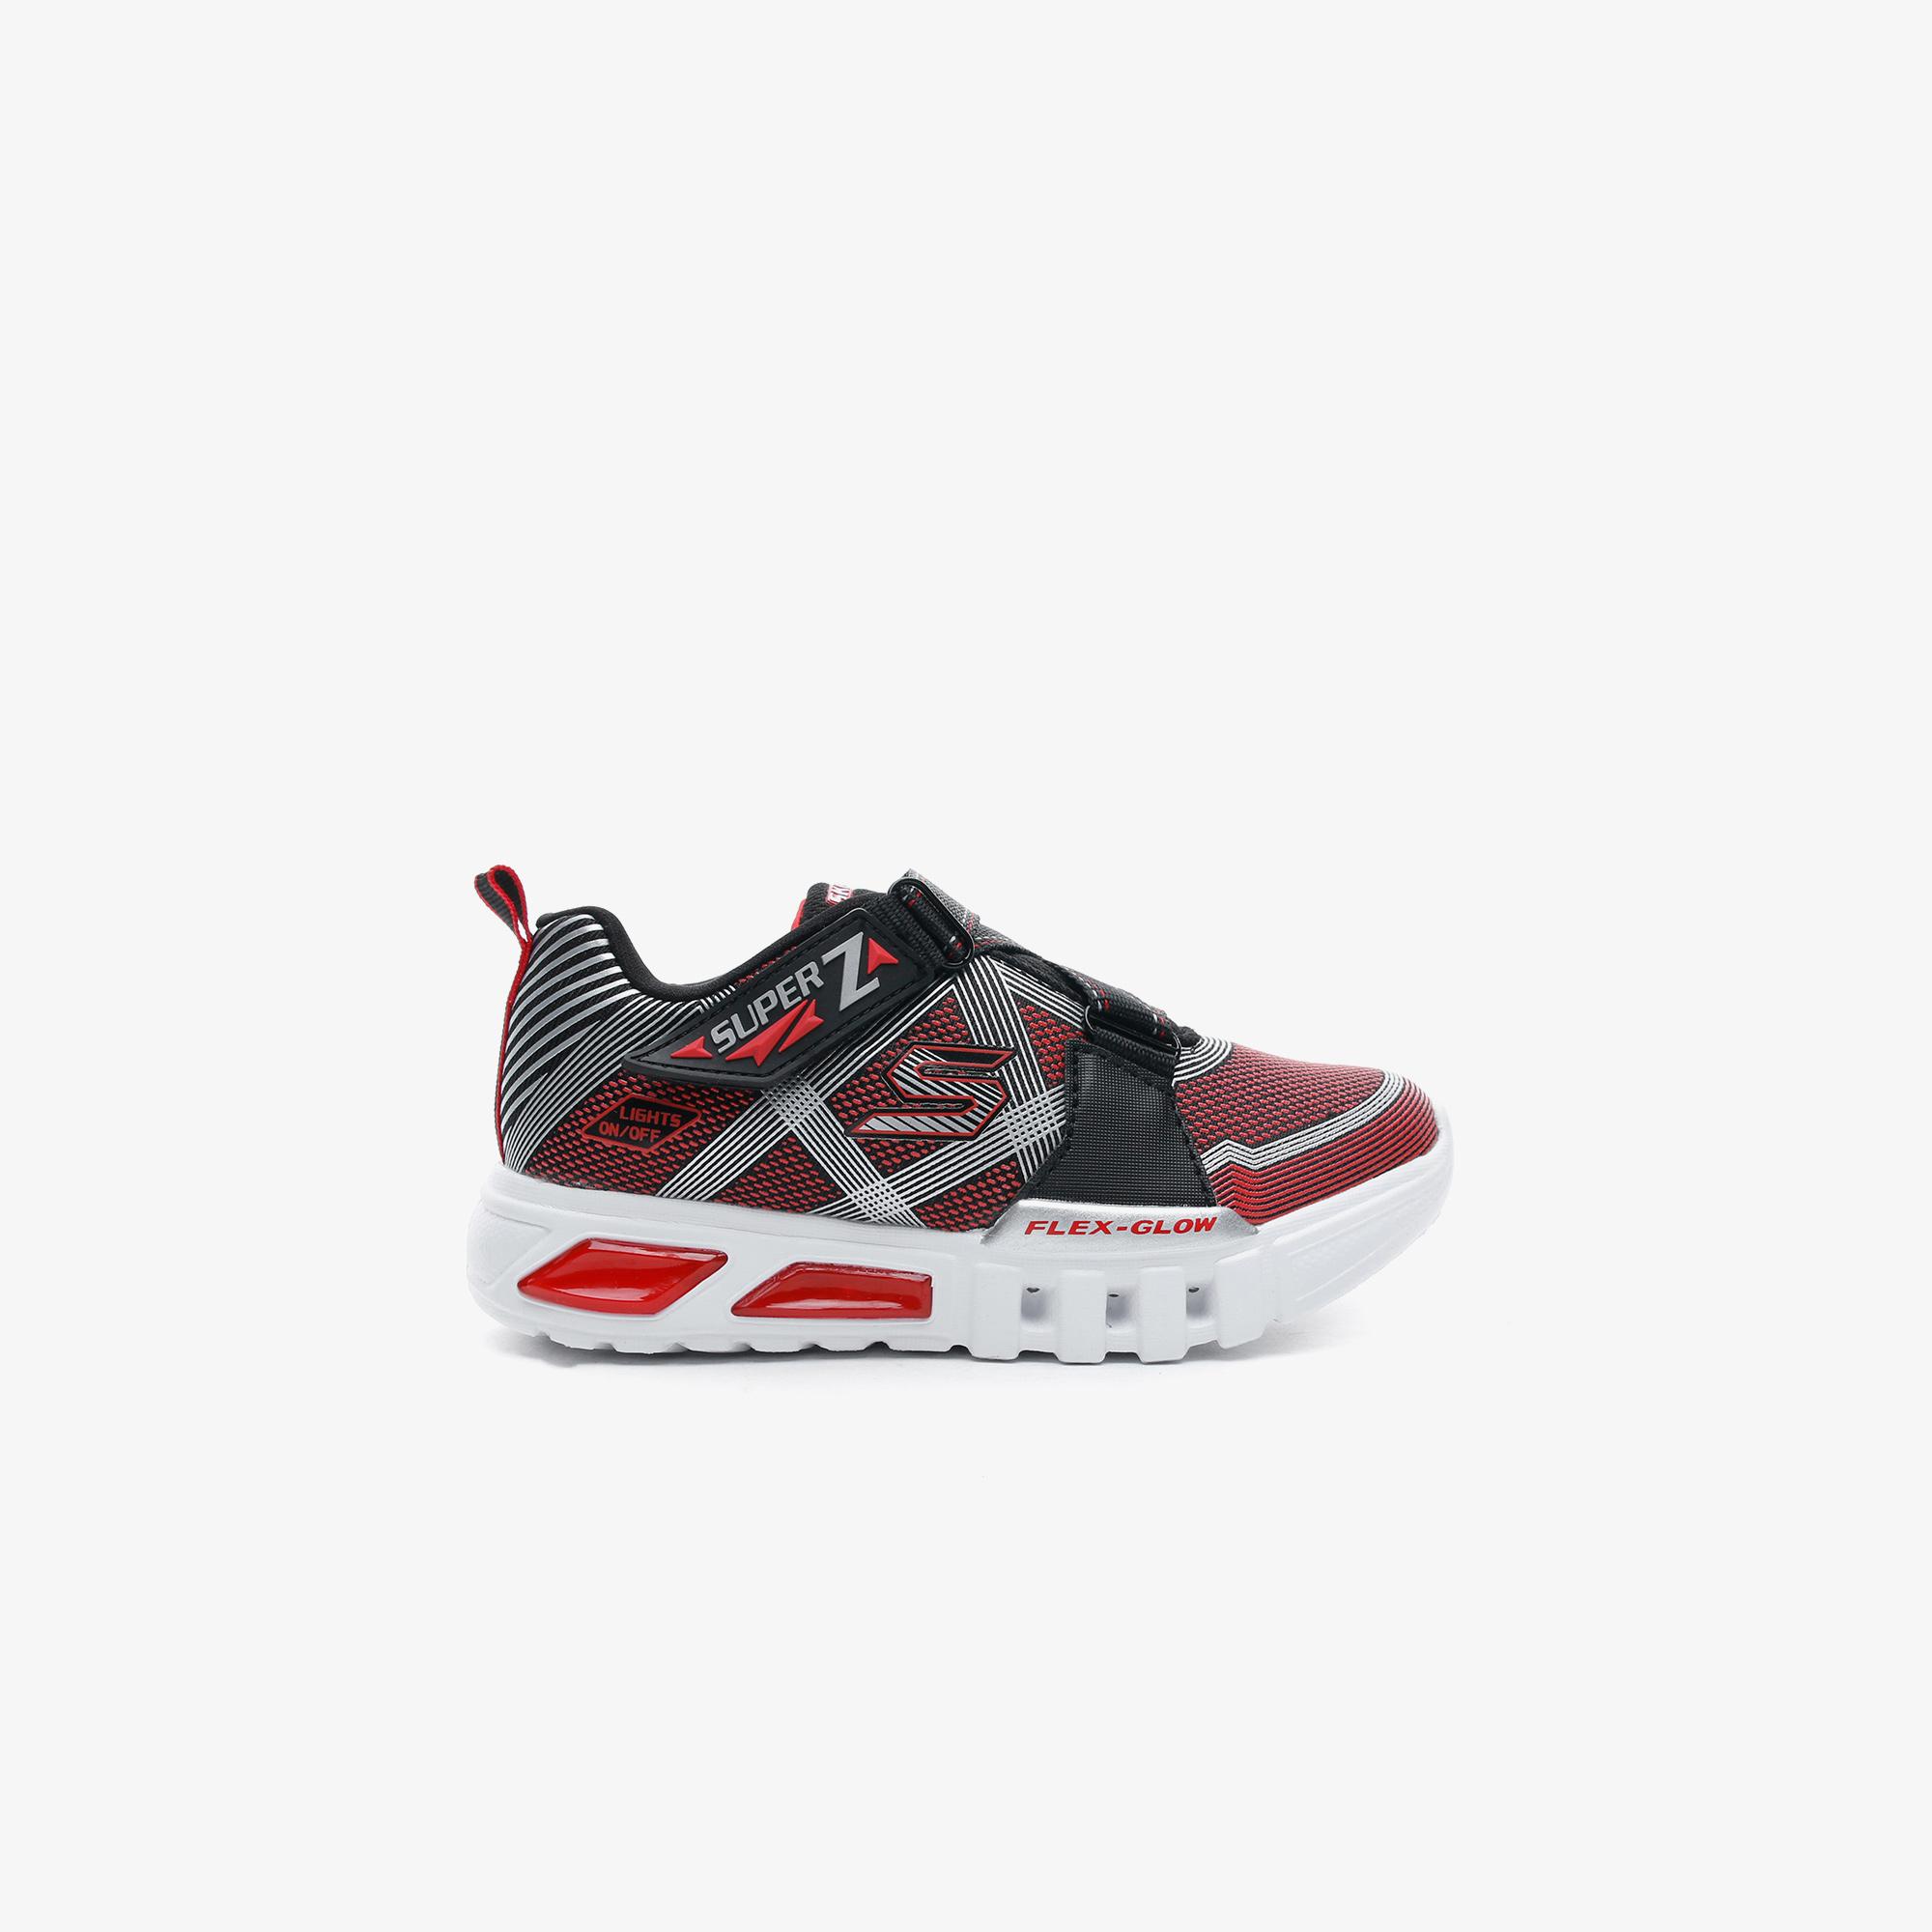 Skechers Flex-Glow - Parrox Çocuk Siyah Spor Ayakkabı